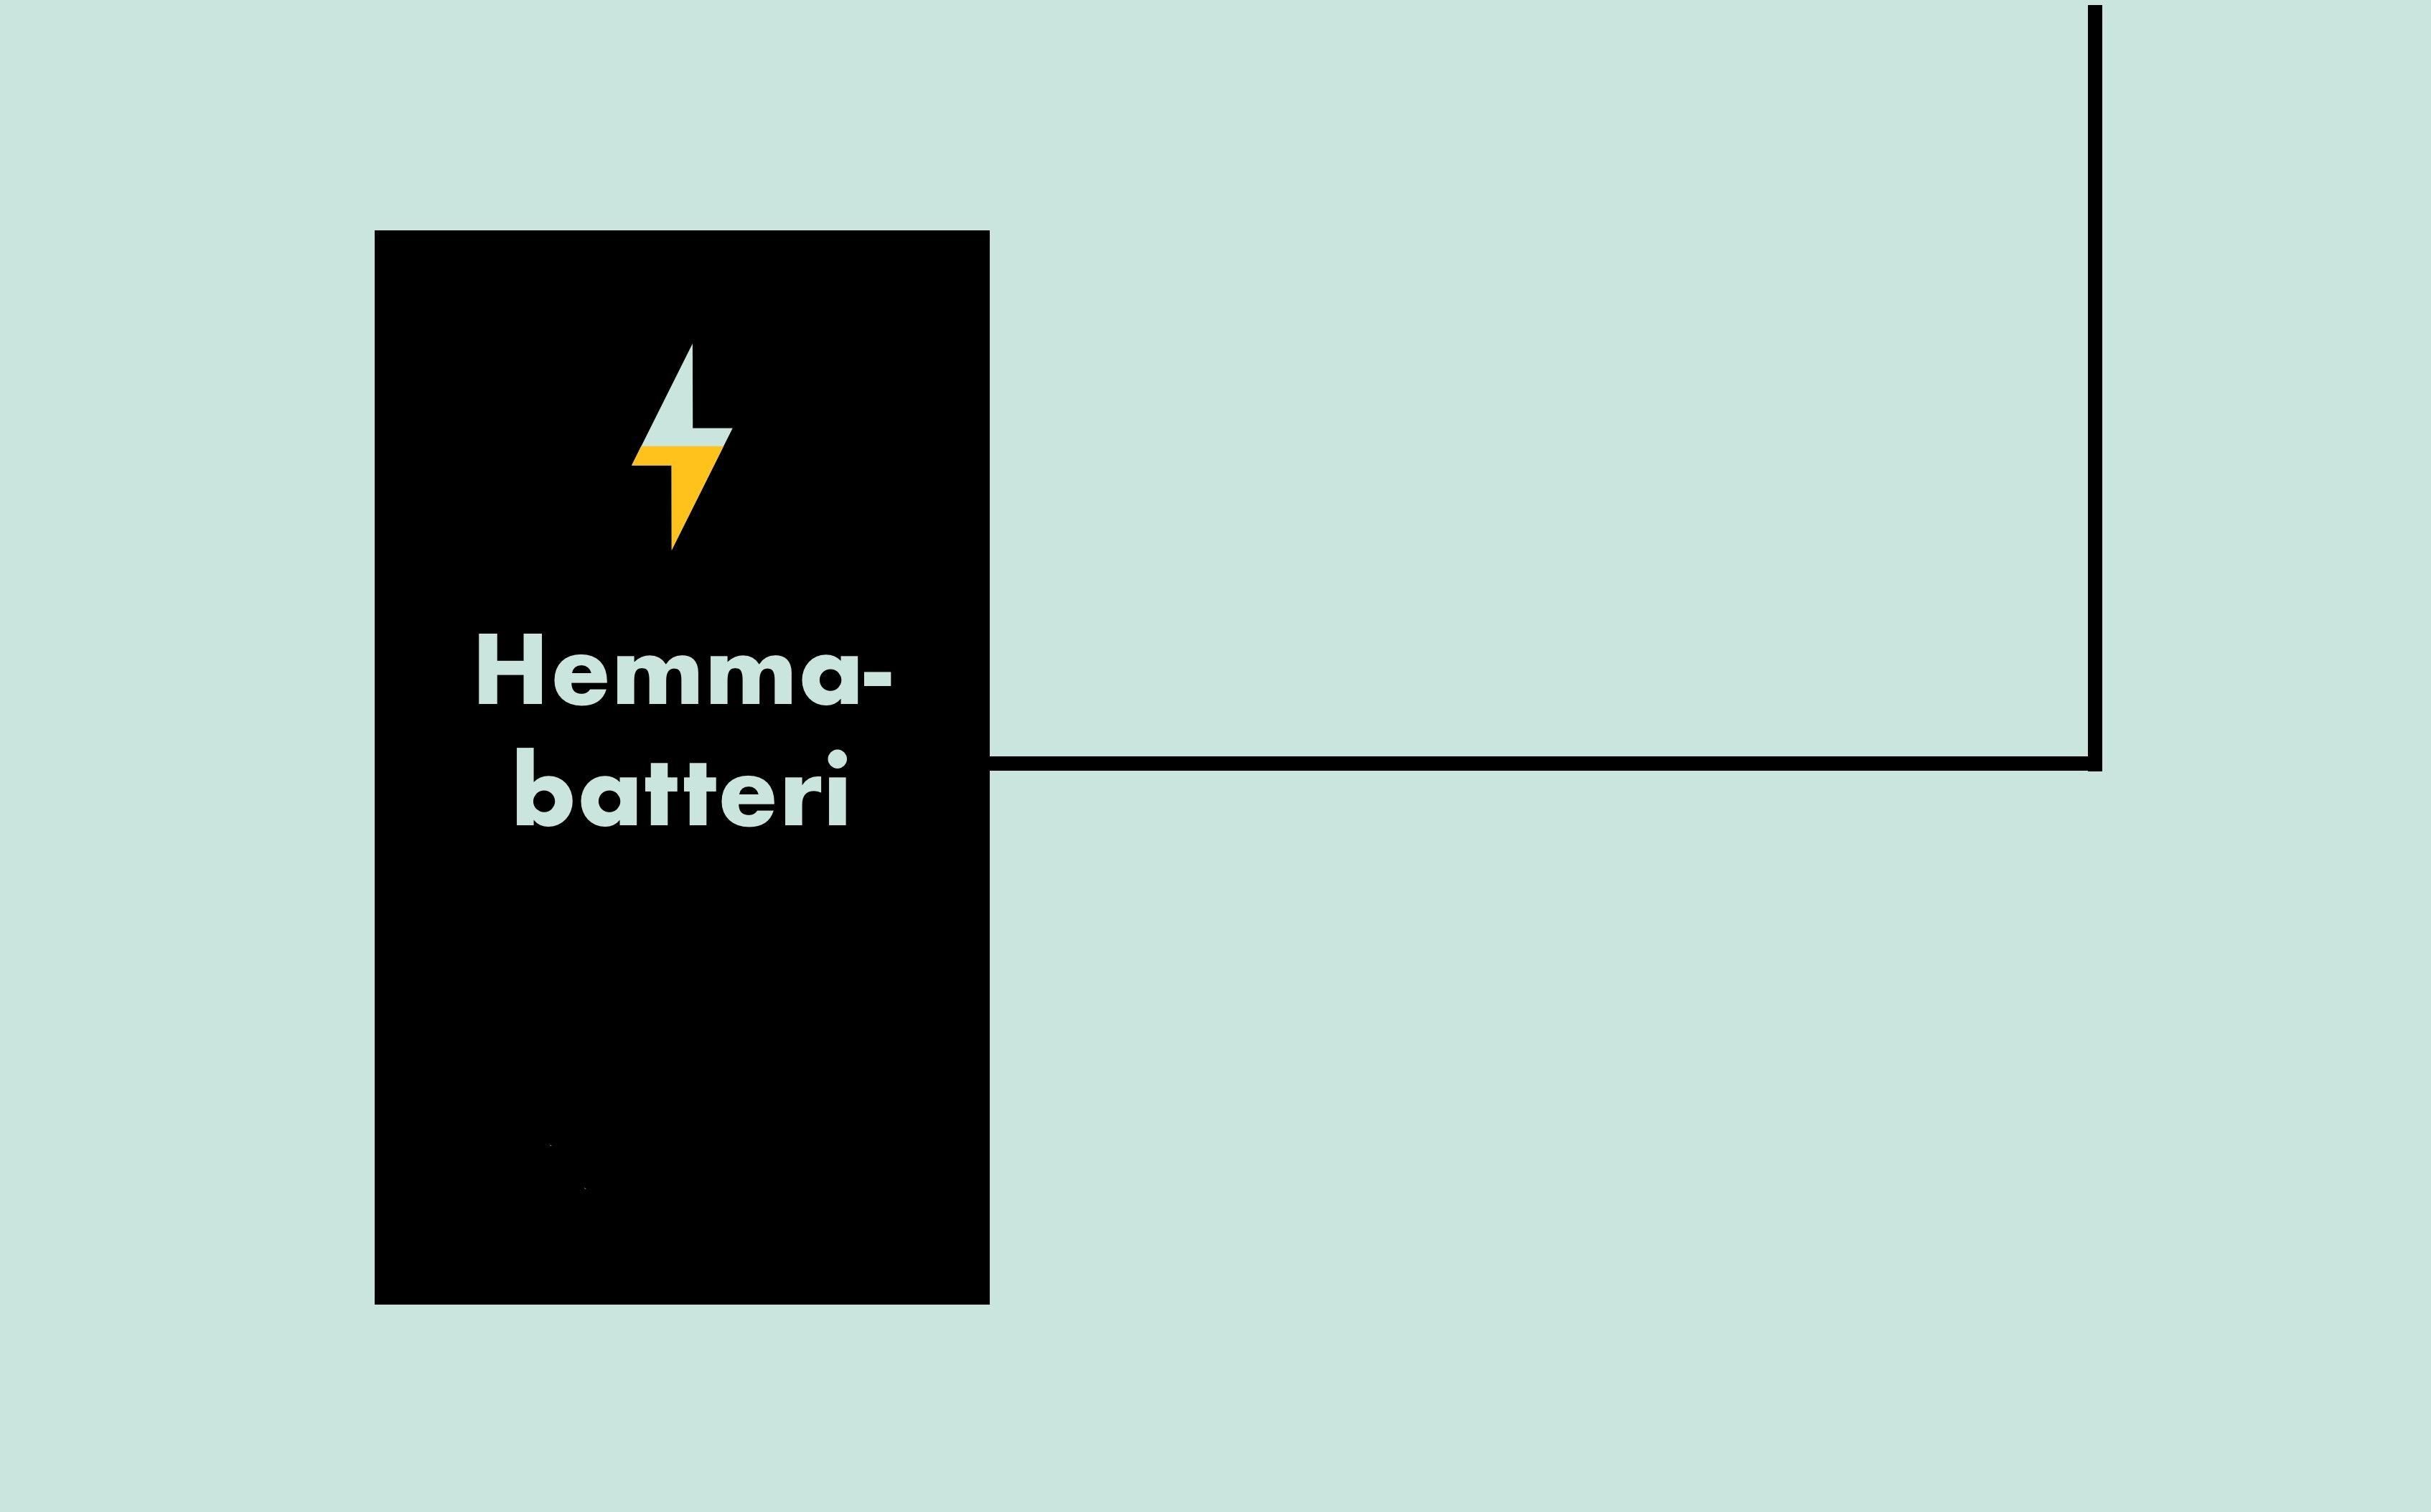 En stiliserad bild av ett hemmabatteri med syfte att lagra solcellsel